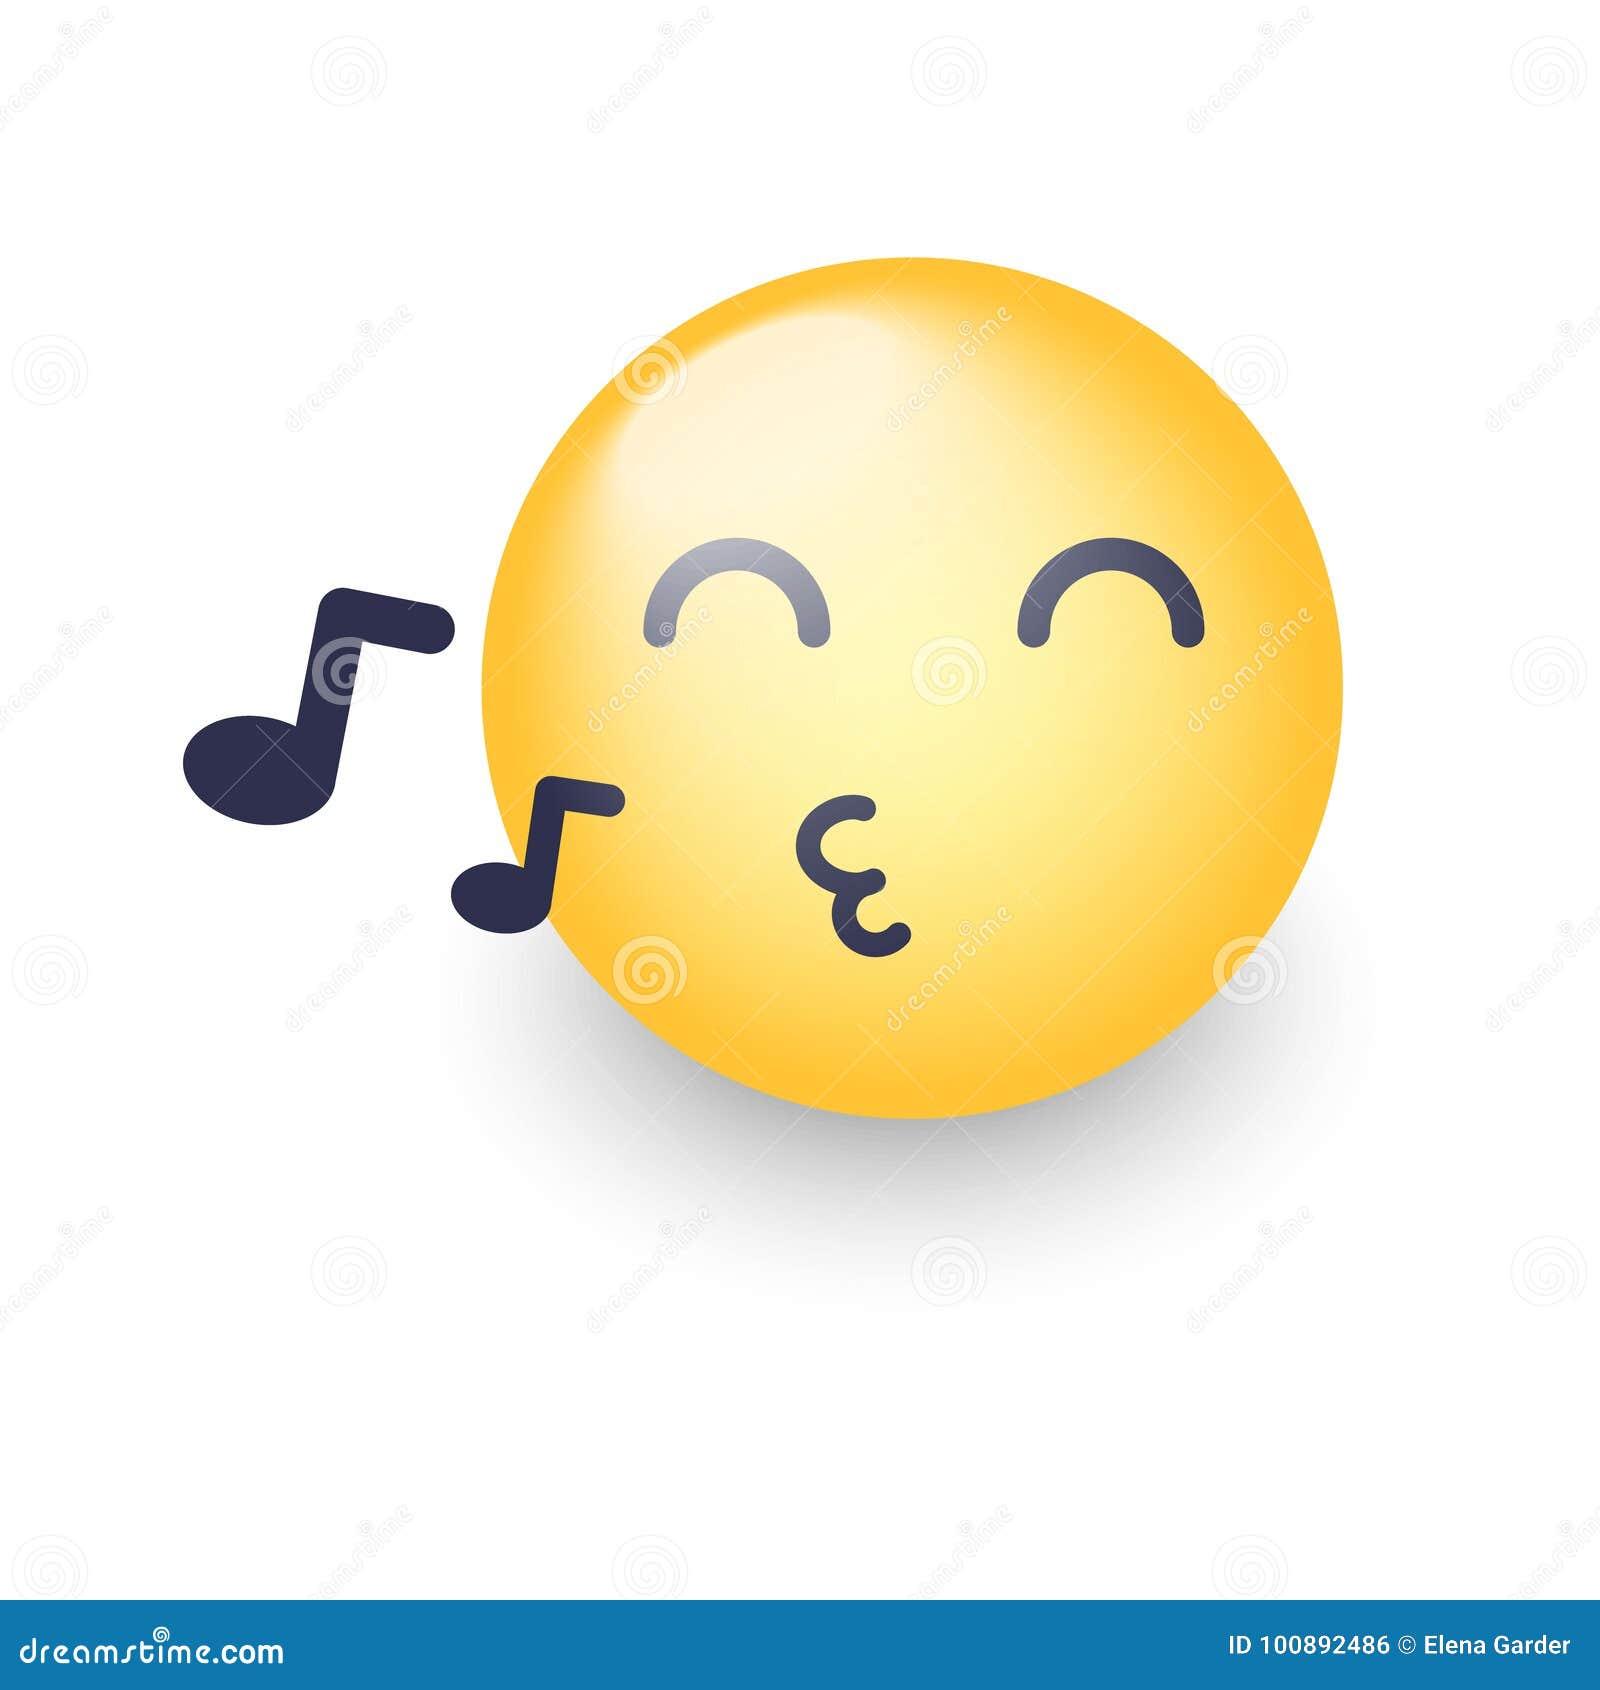 Singing Smiley Face Emoji Whistles A Song Cartoon Vector Emoticon